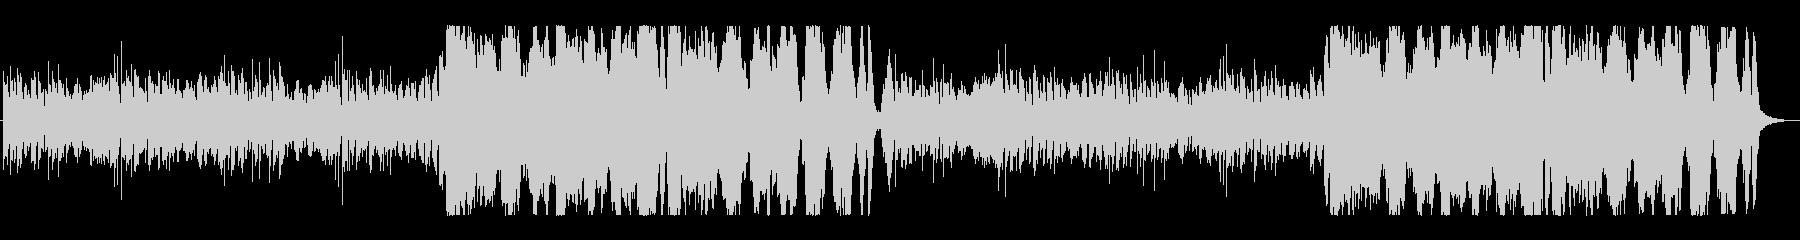 ゲーム音楽風(ダンジョンなど)の未再生の波形